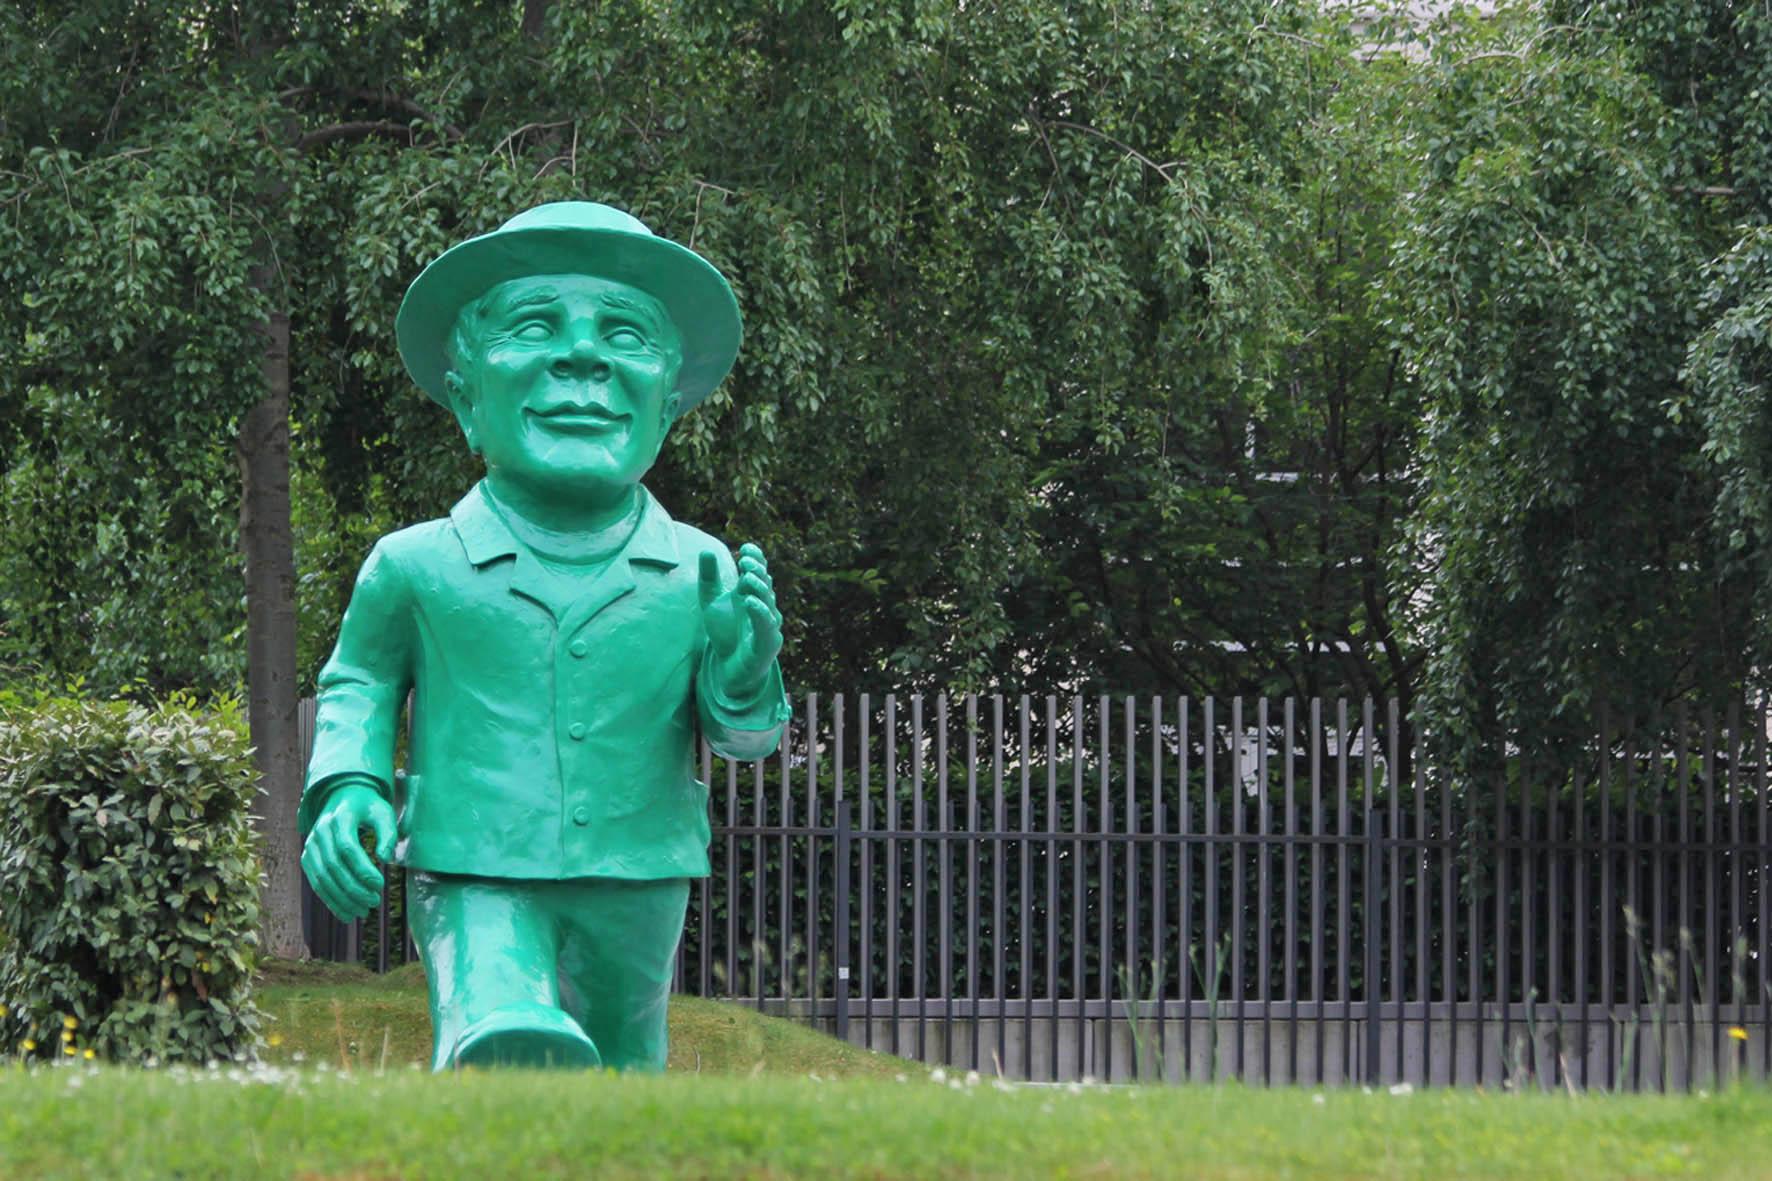 Die 3,5m-große riesige Ampelmann Statue von Ottmar Hörl für das 25-jährige Jubiläum der deutschen Wiedervereinigung vor der Hessischen Landesvertretung in Berlin von vorne gesehen